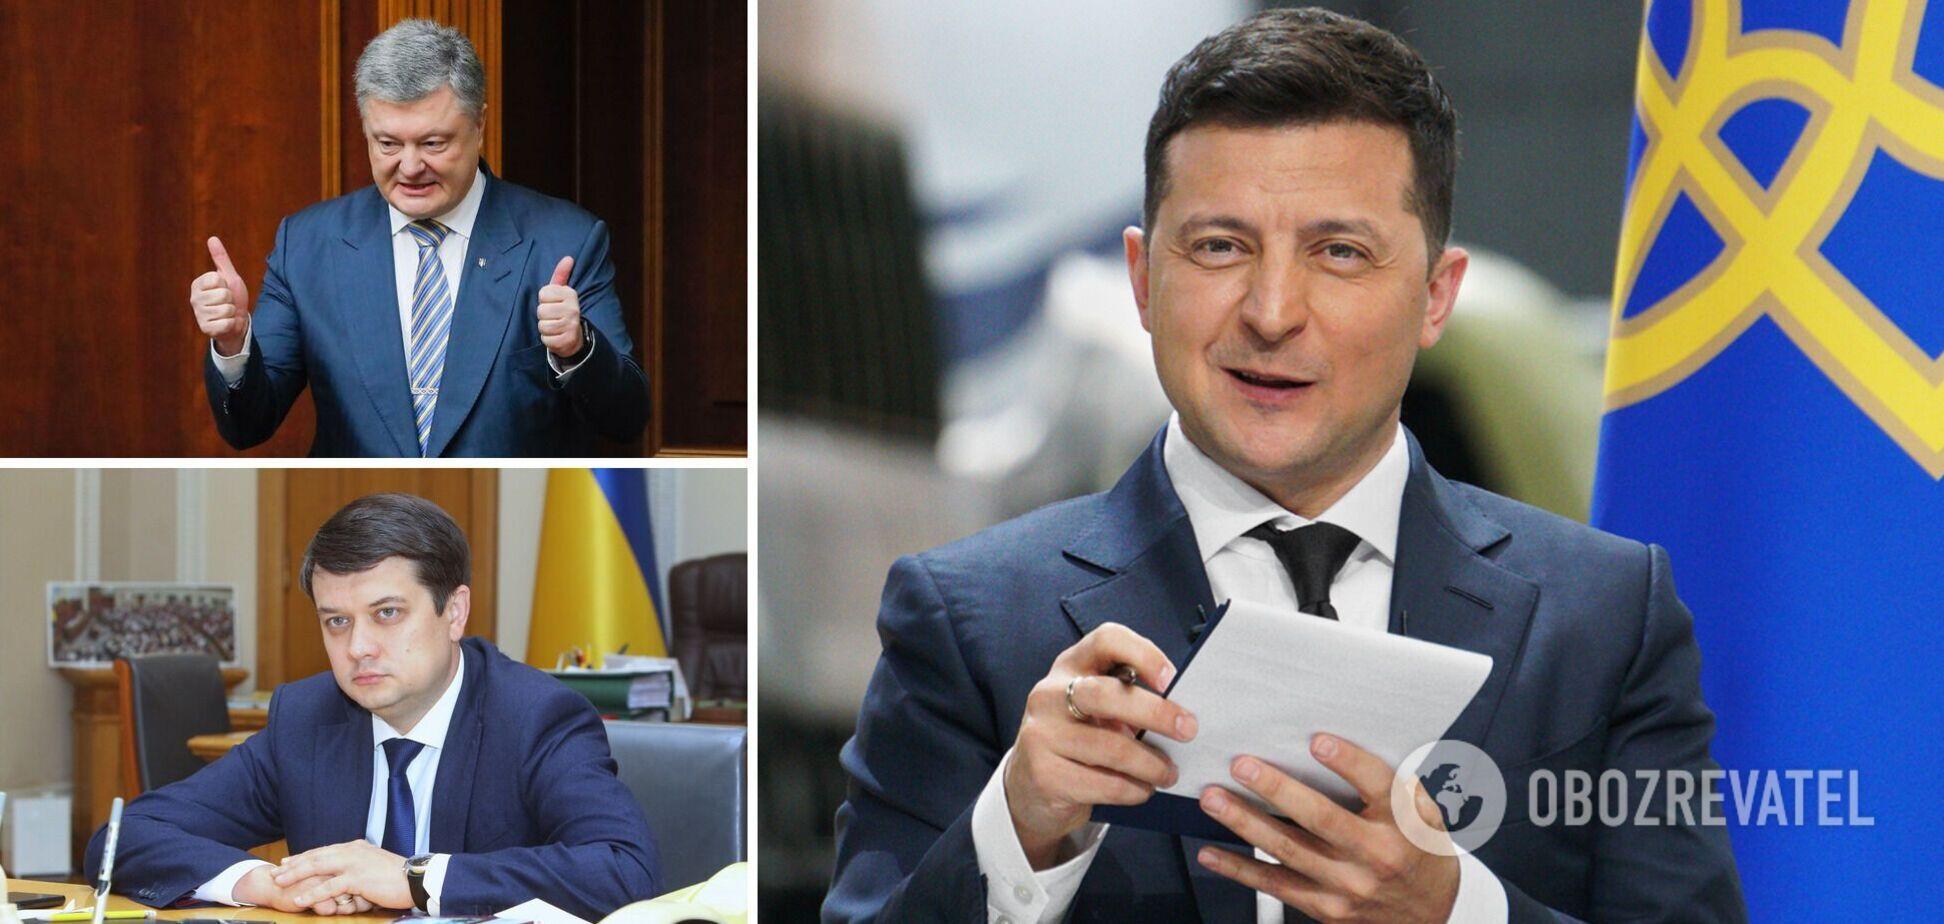 Українські політики опублікували дитячі фото